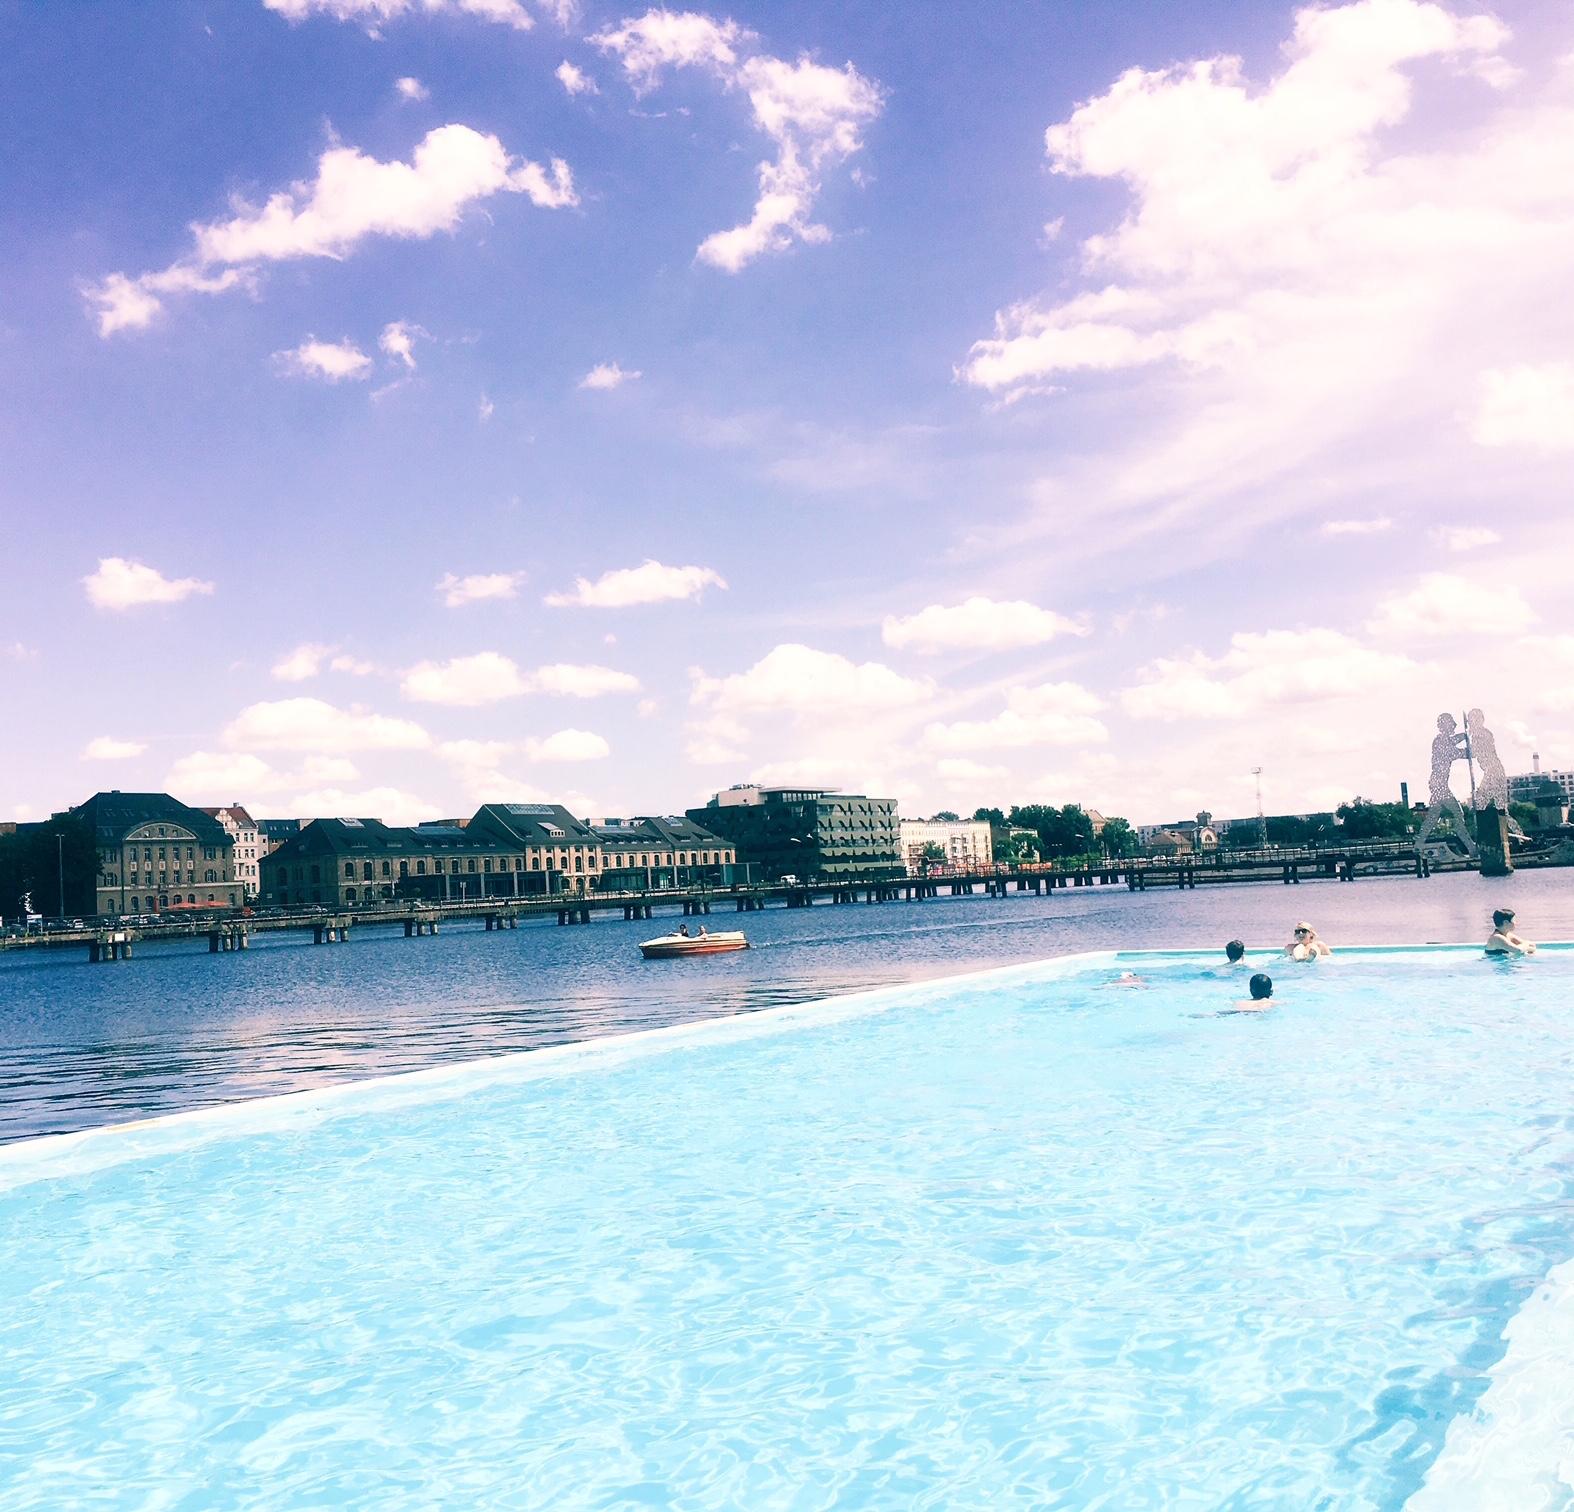 Piscina em cima do Rio - Verão em Berlim